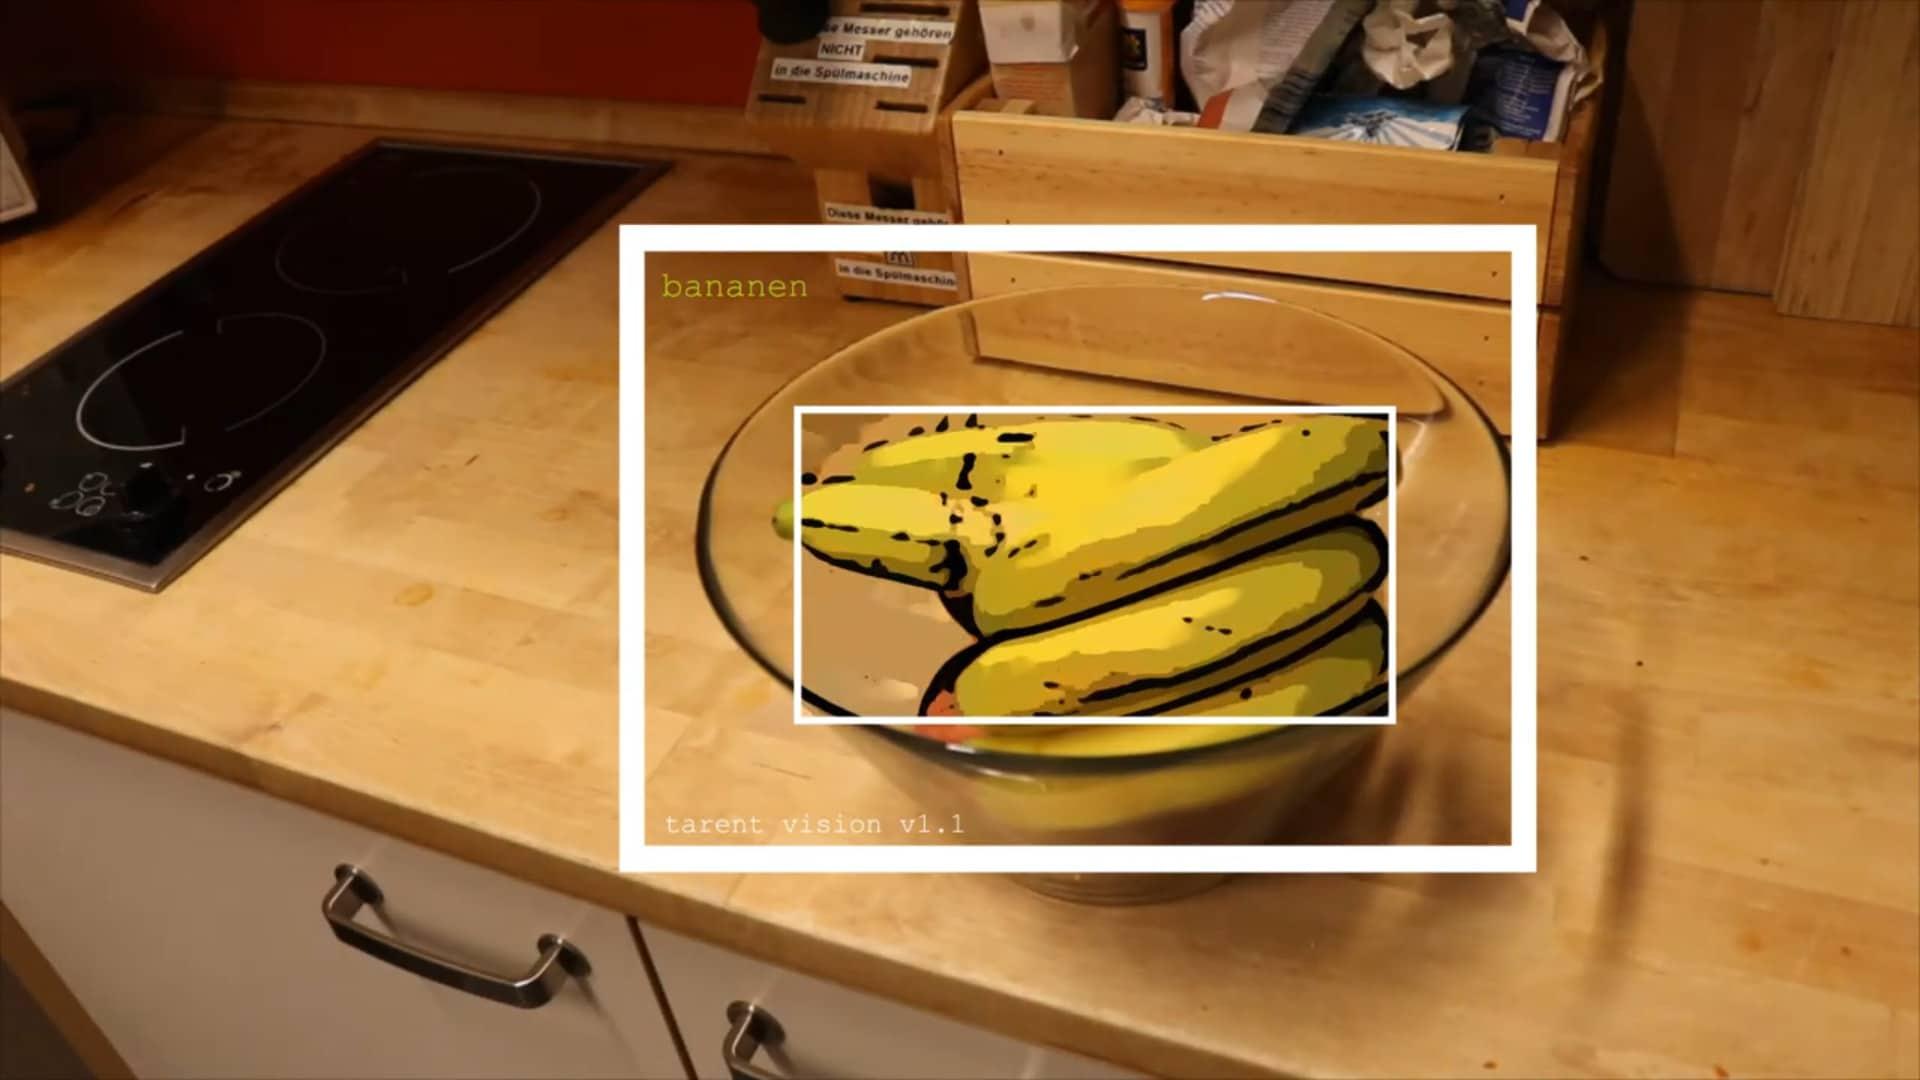 Obst durch eine automatisierte Objekterkennung laufen lassen, um es z.B. für eine Lebensmittellieferung korrekt und ohne menschliches Zutun zu sortieren.